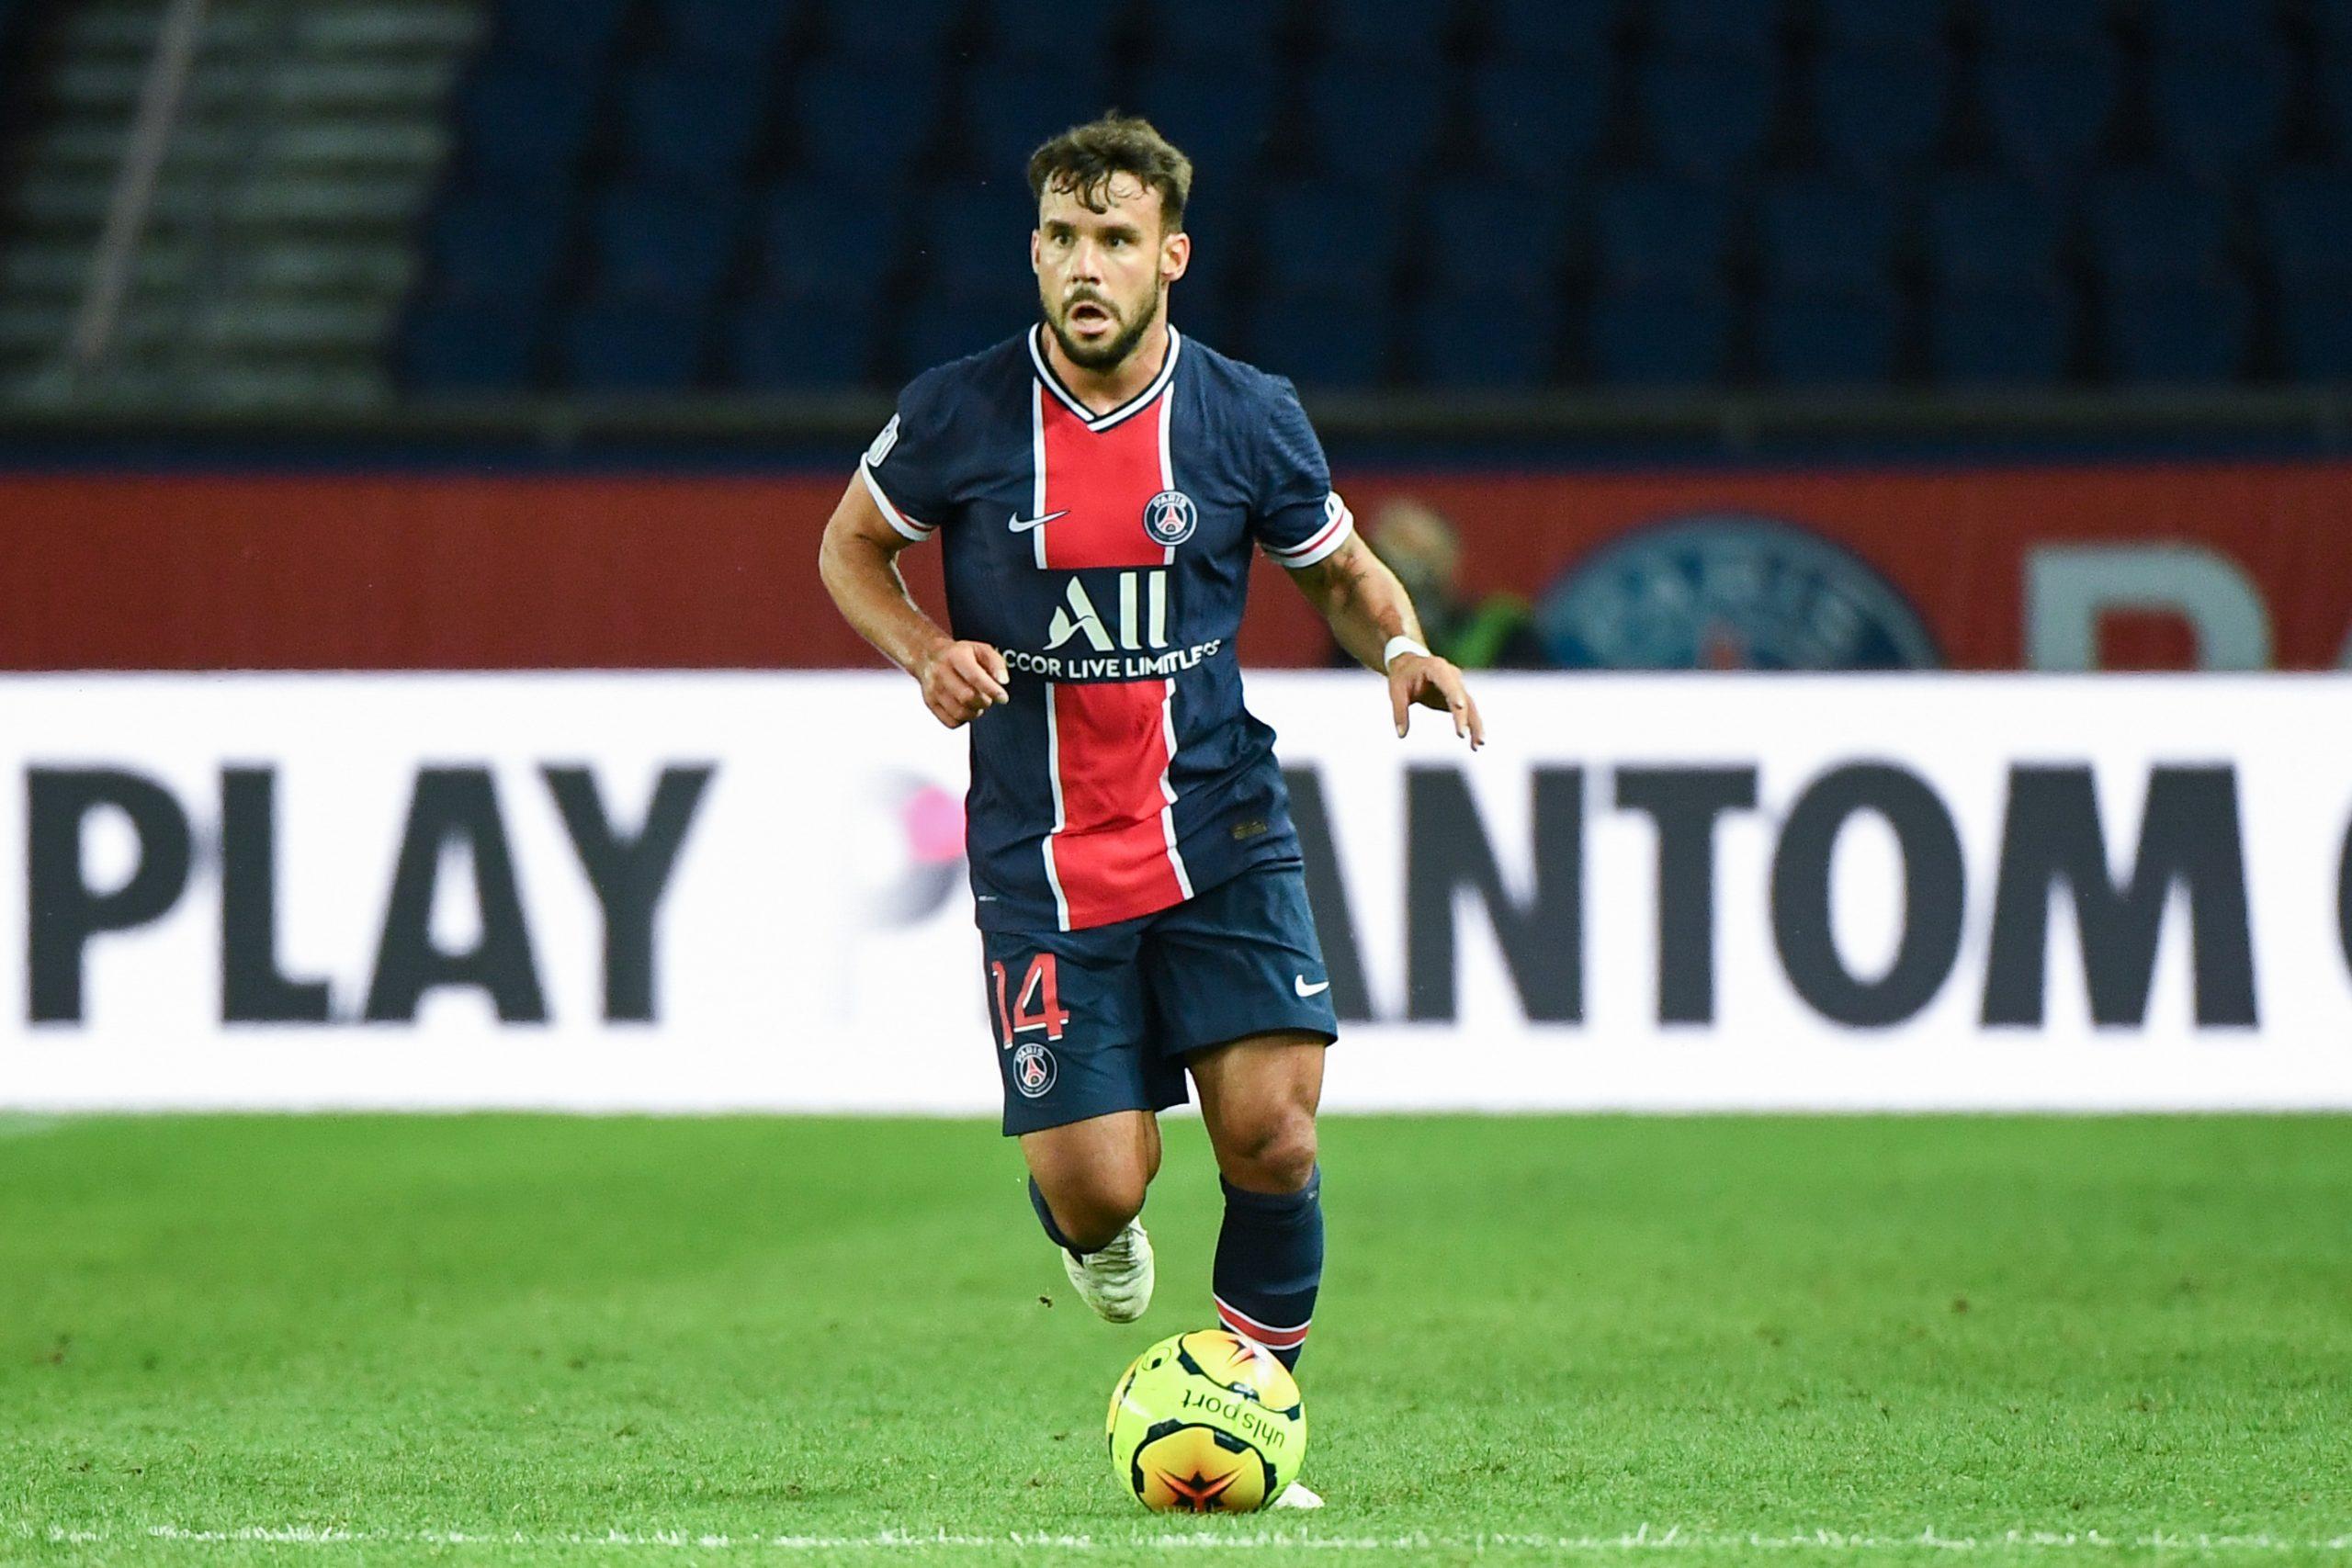 PSG/Montpellier - Bernat ne sera pas dans le groupe, annonce Saber Desfarges